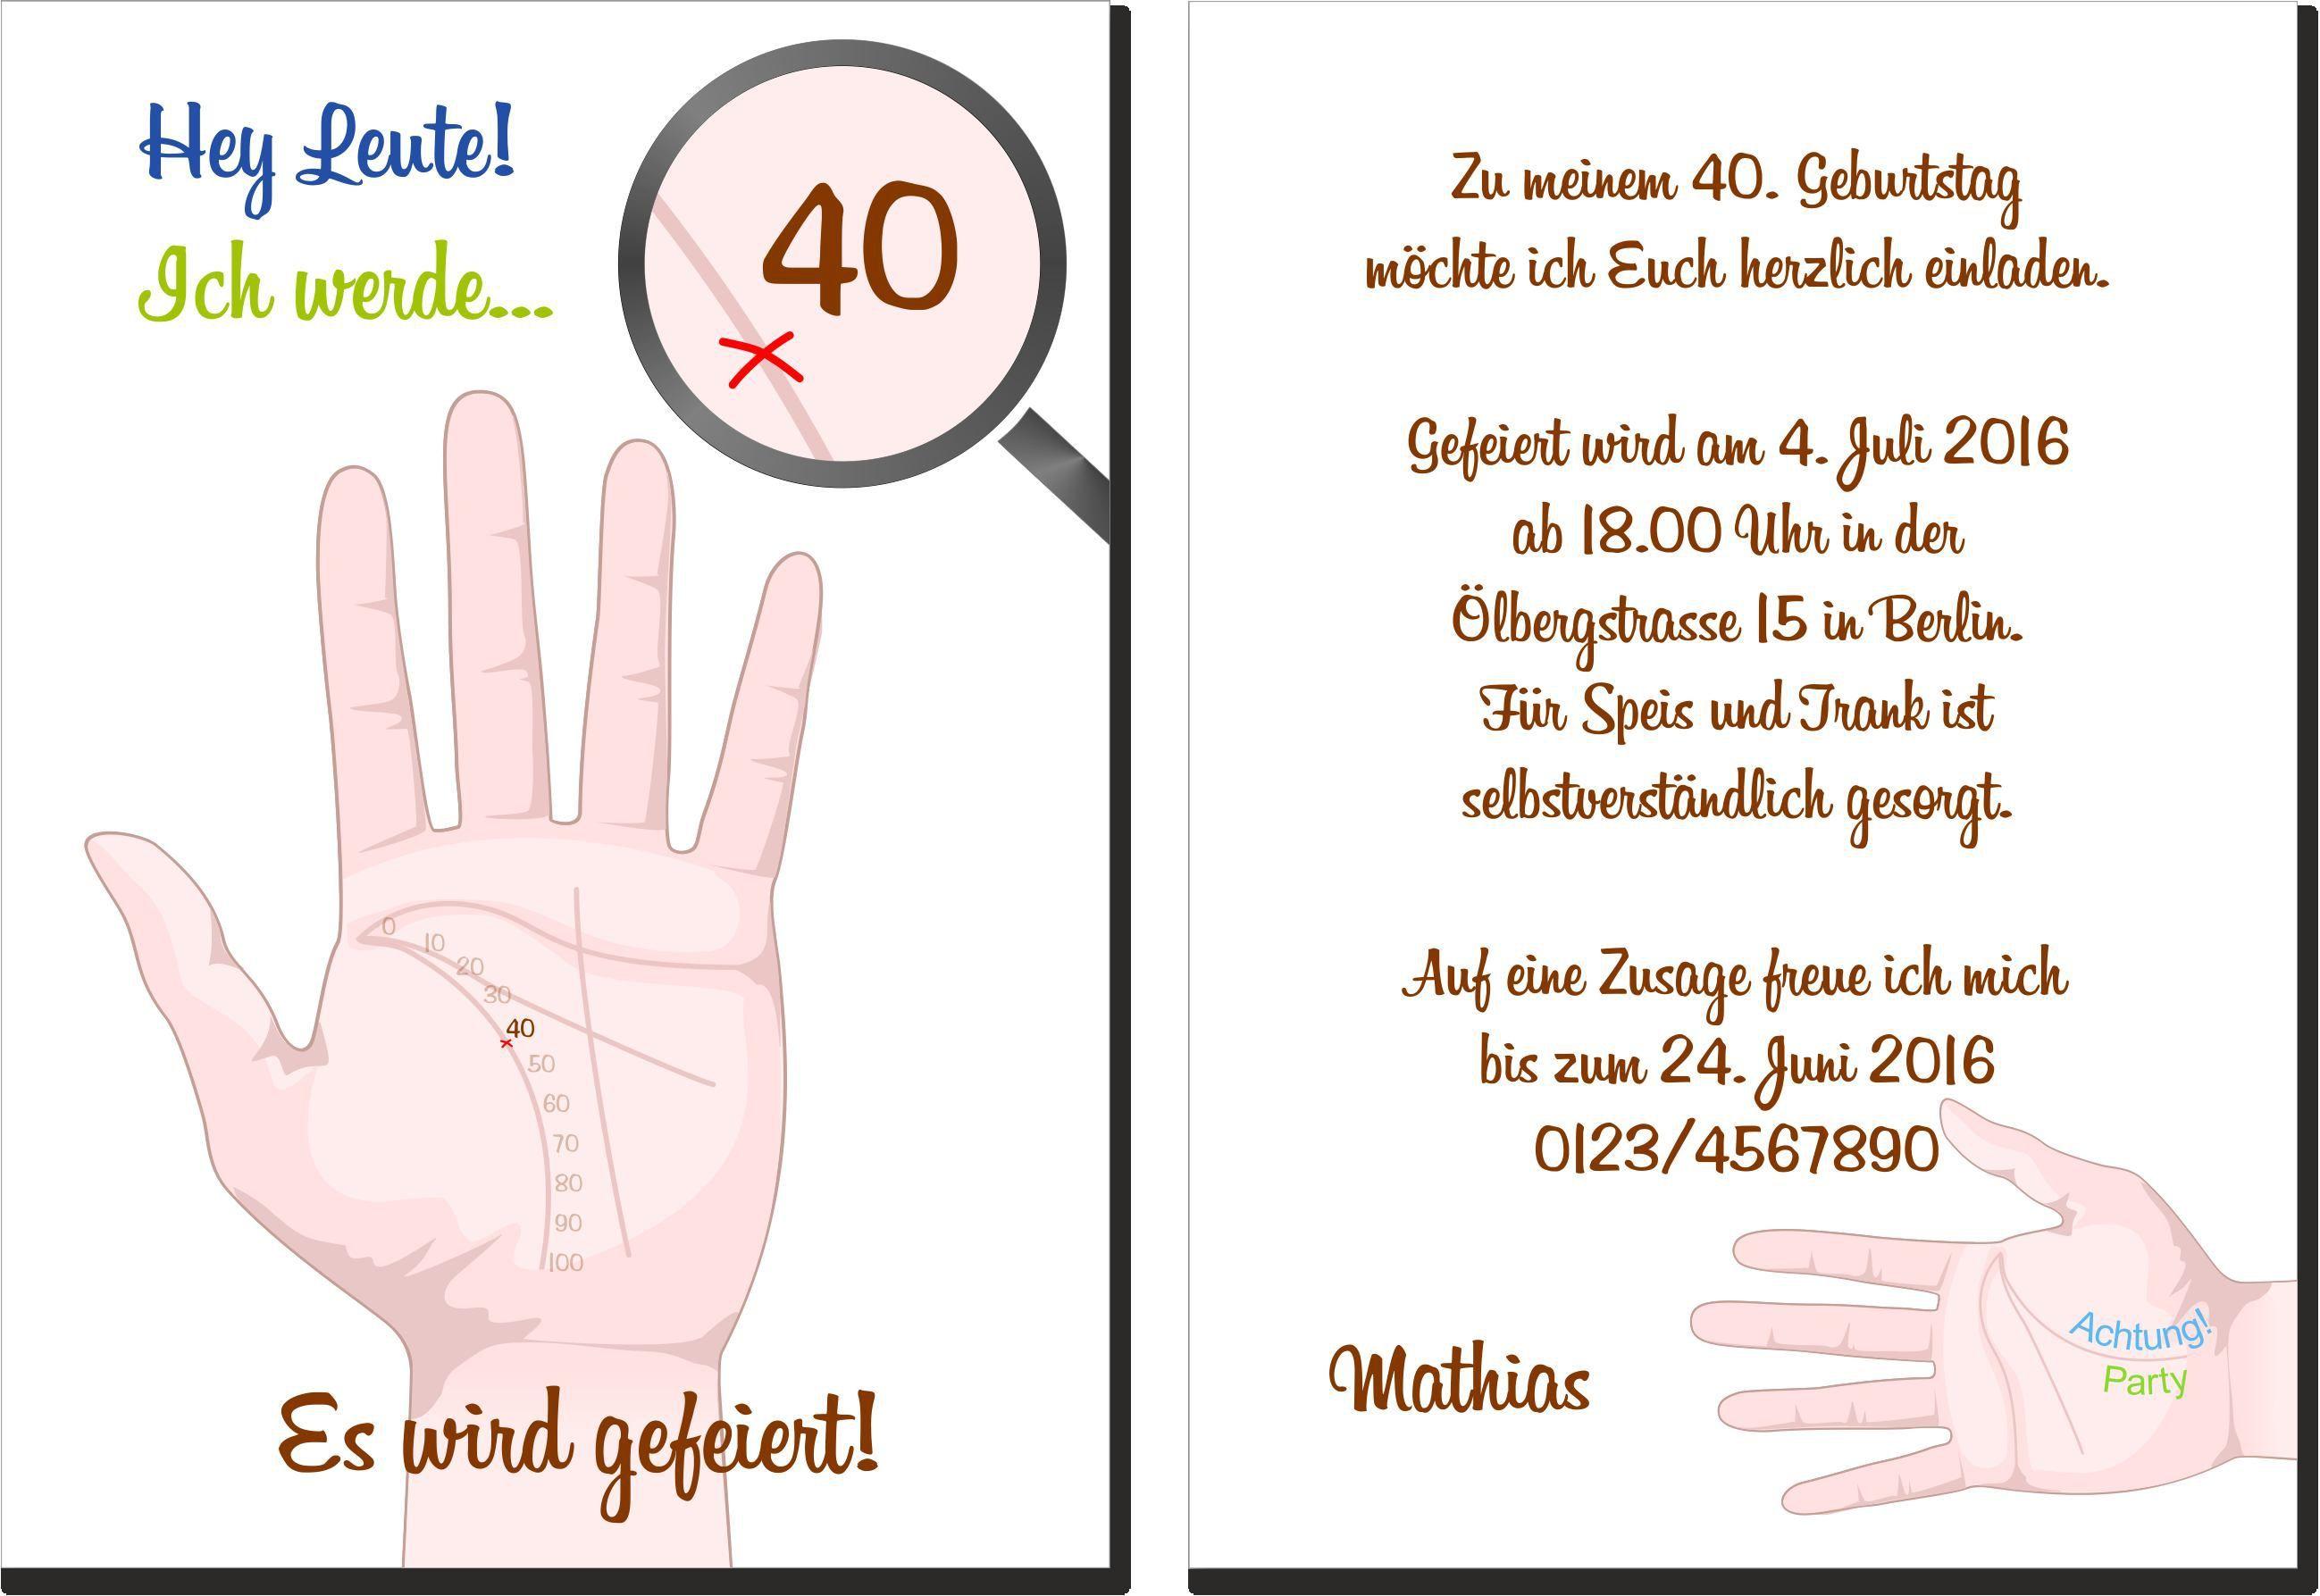 wonderful einladung geburtstag spruche #2: einladung geburtstag : einladung zum geburtstag text - Geburstag  Einladungskarten - Geburstag Einladungskarten